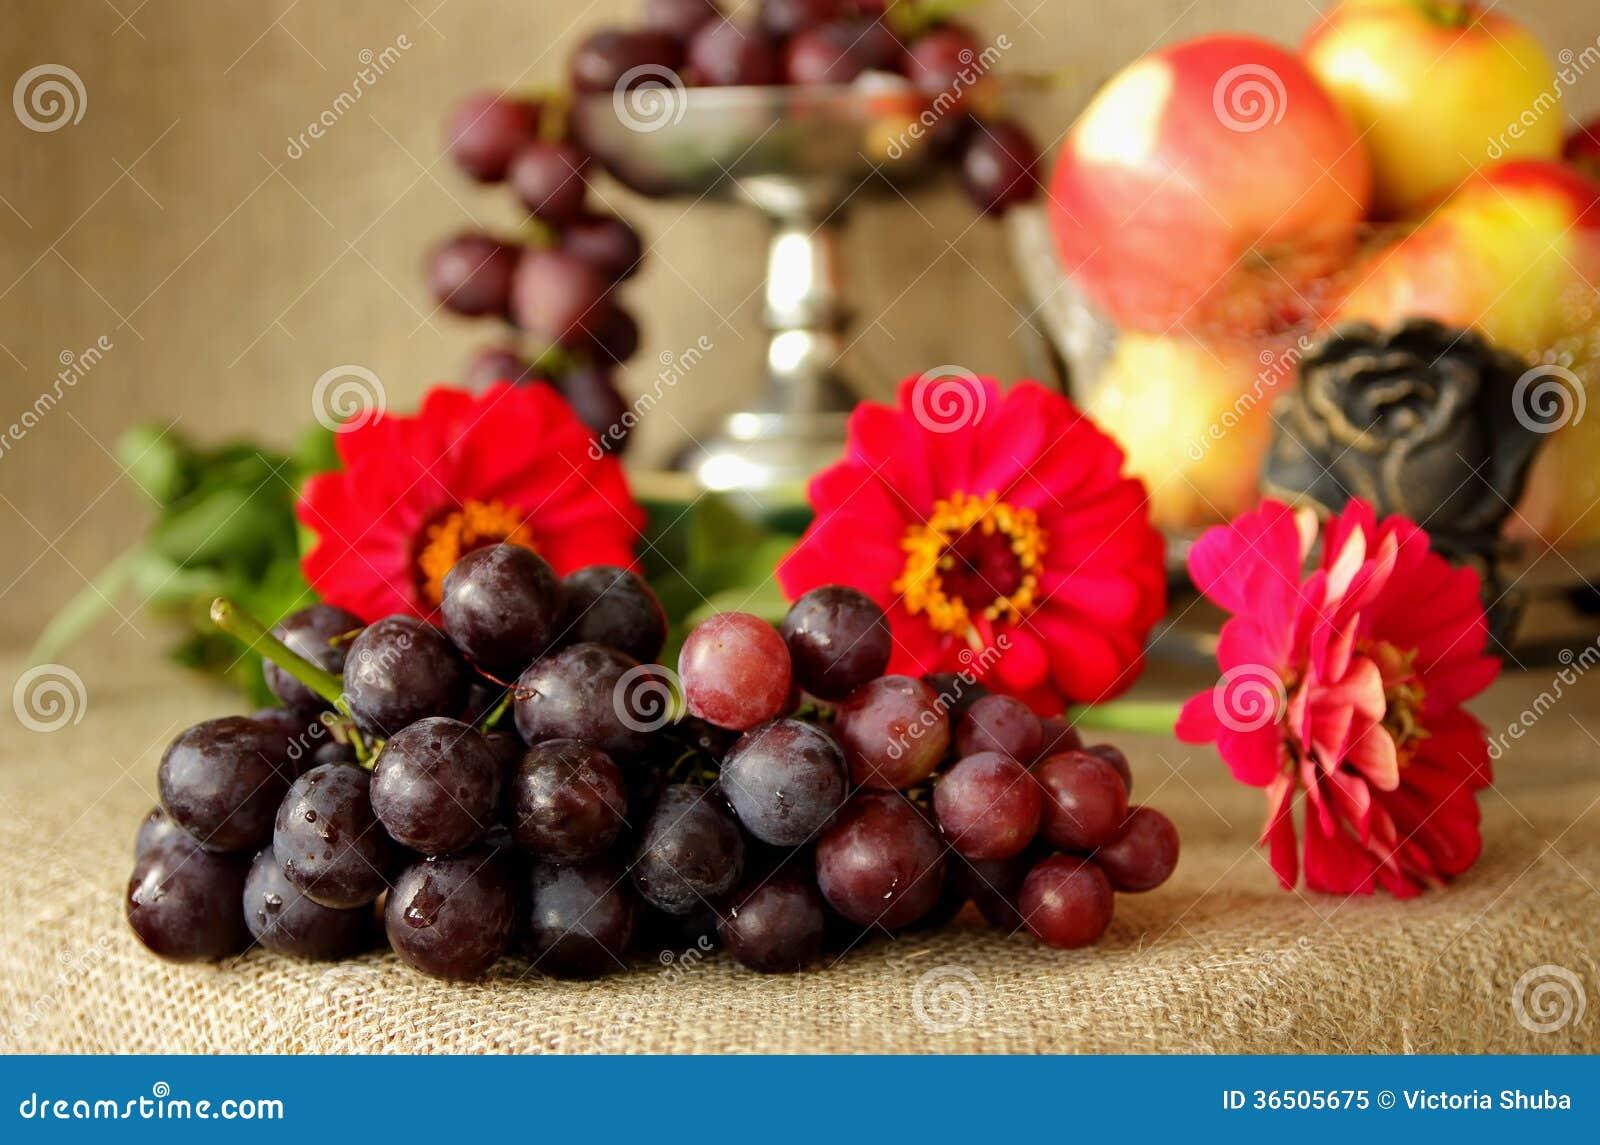 Grupp av mogna druvor på en bakgrund av ljusa färger och vaser med äpplen